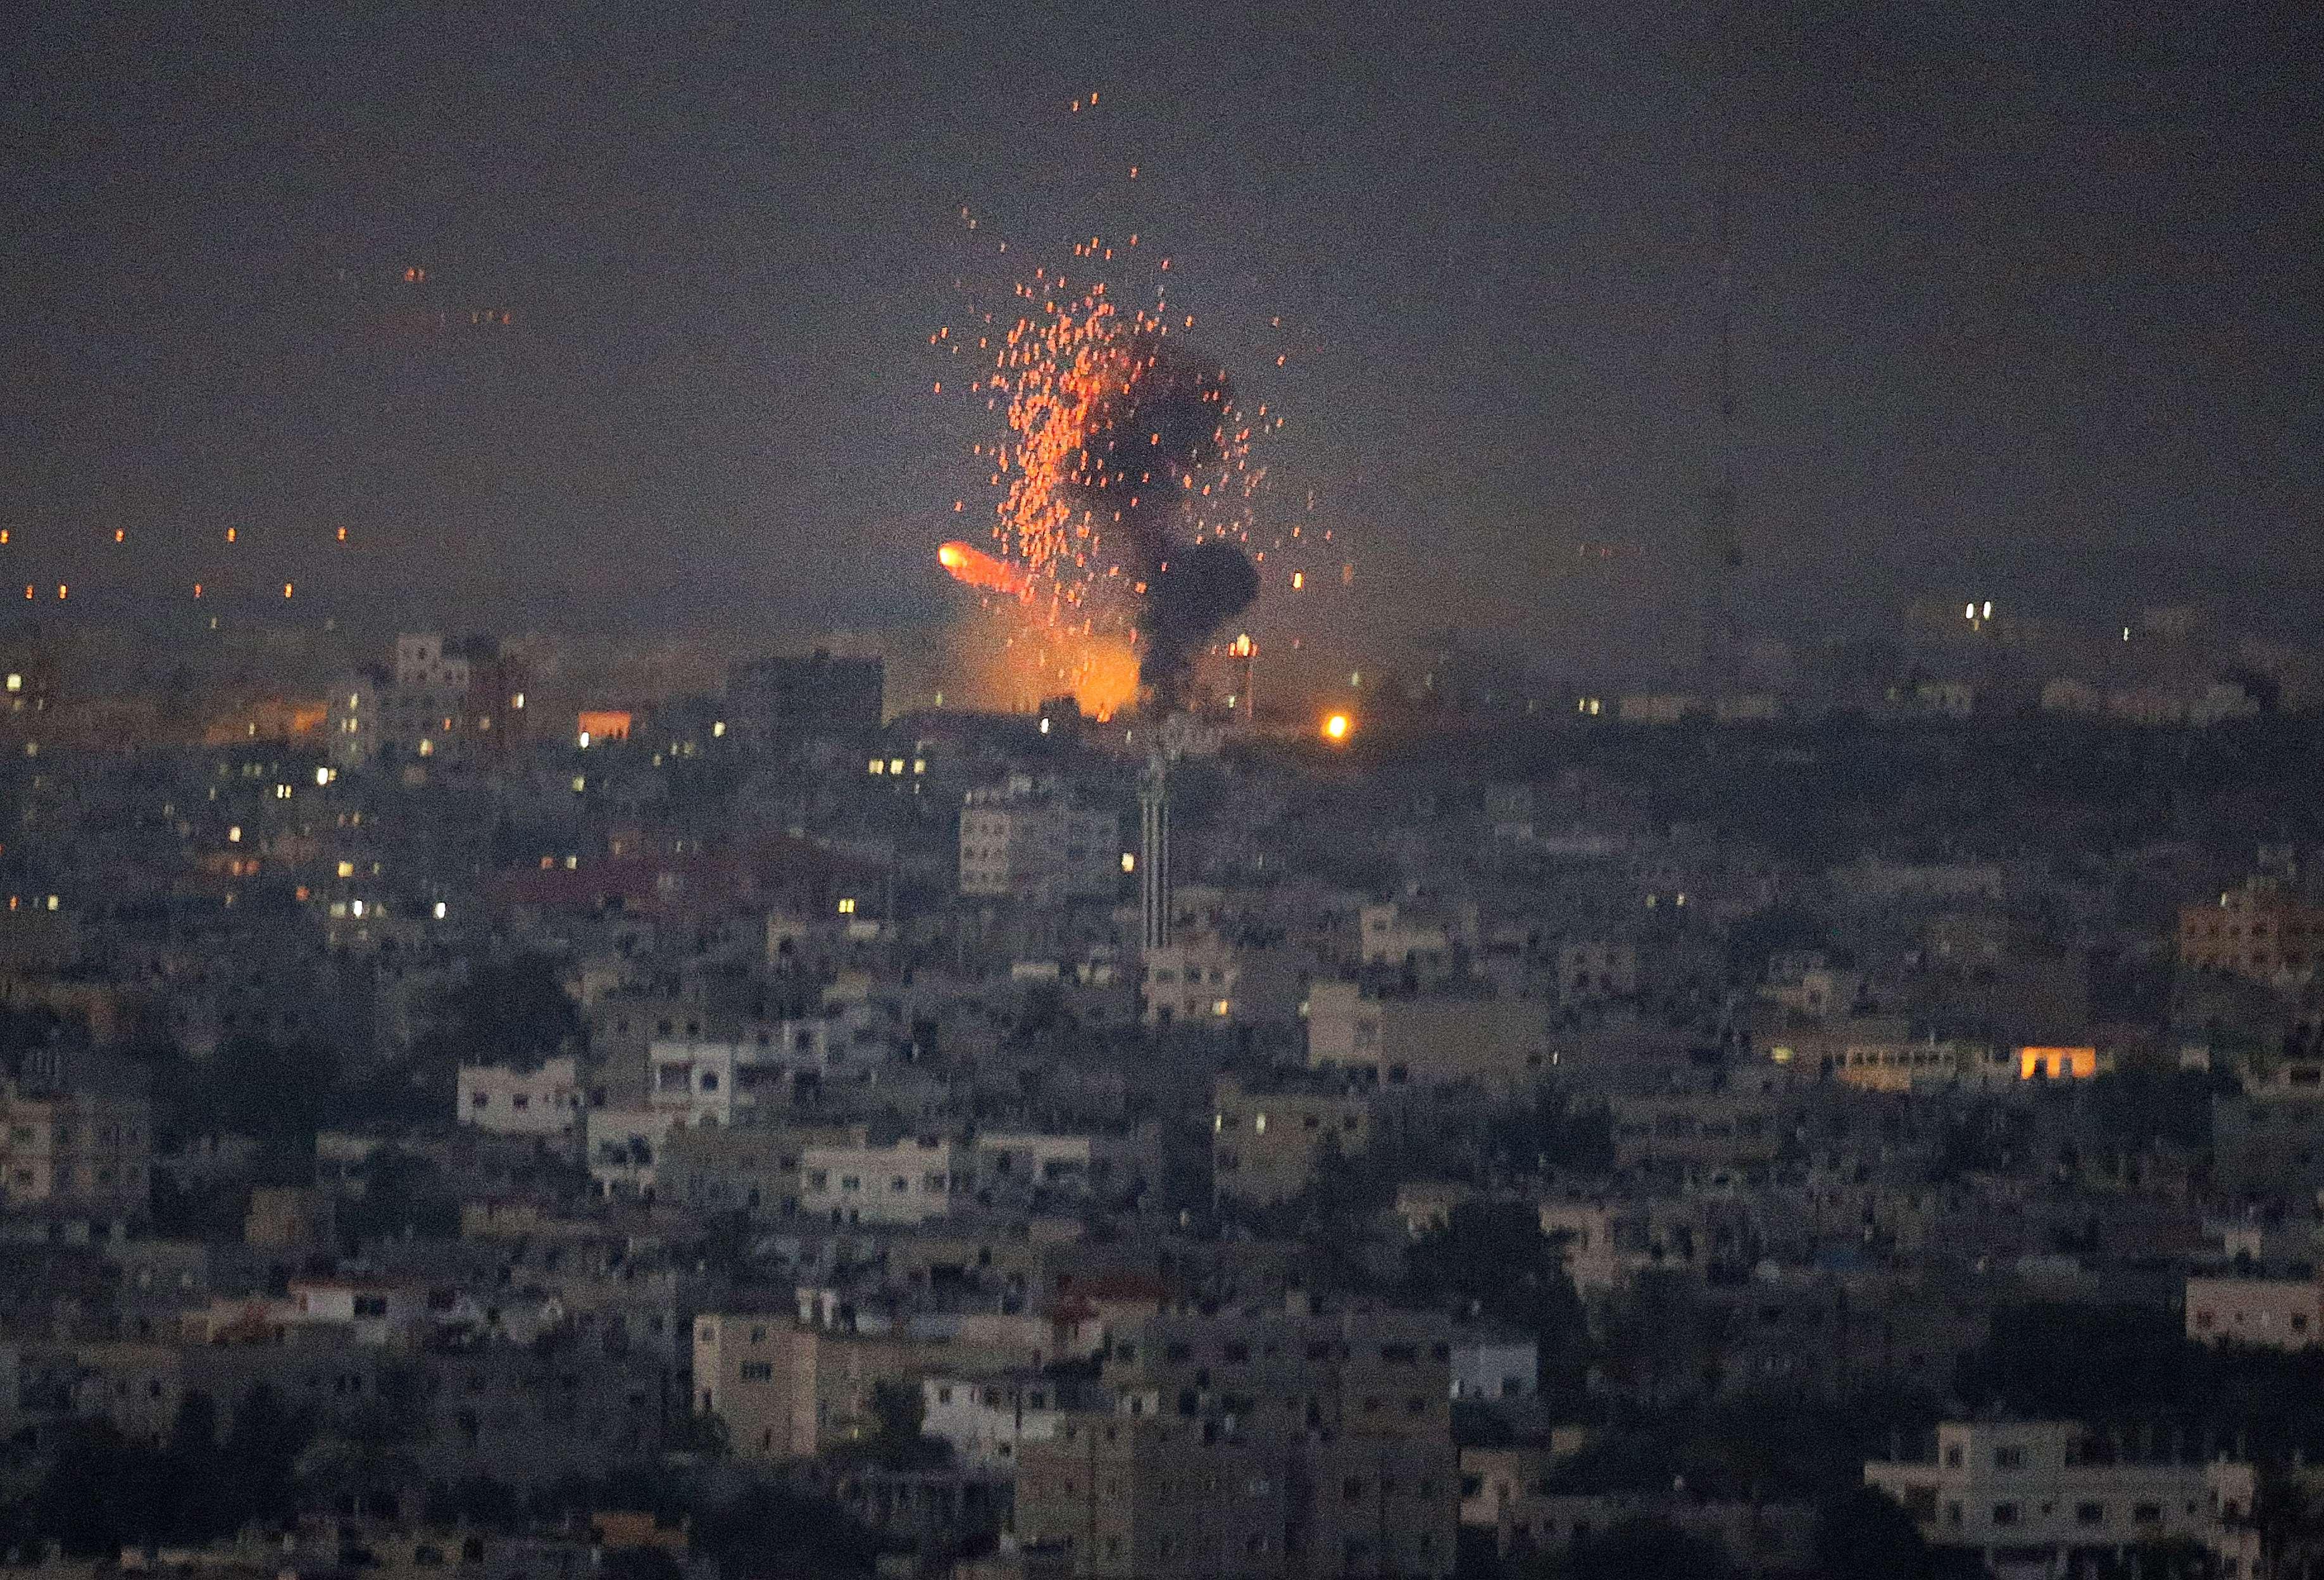 Trei rachete, lansate din Fasia Gaza spre centrala nucleara israeliana Dimona. Israelul promite intensificarea atacurilor